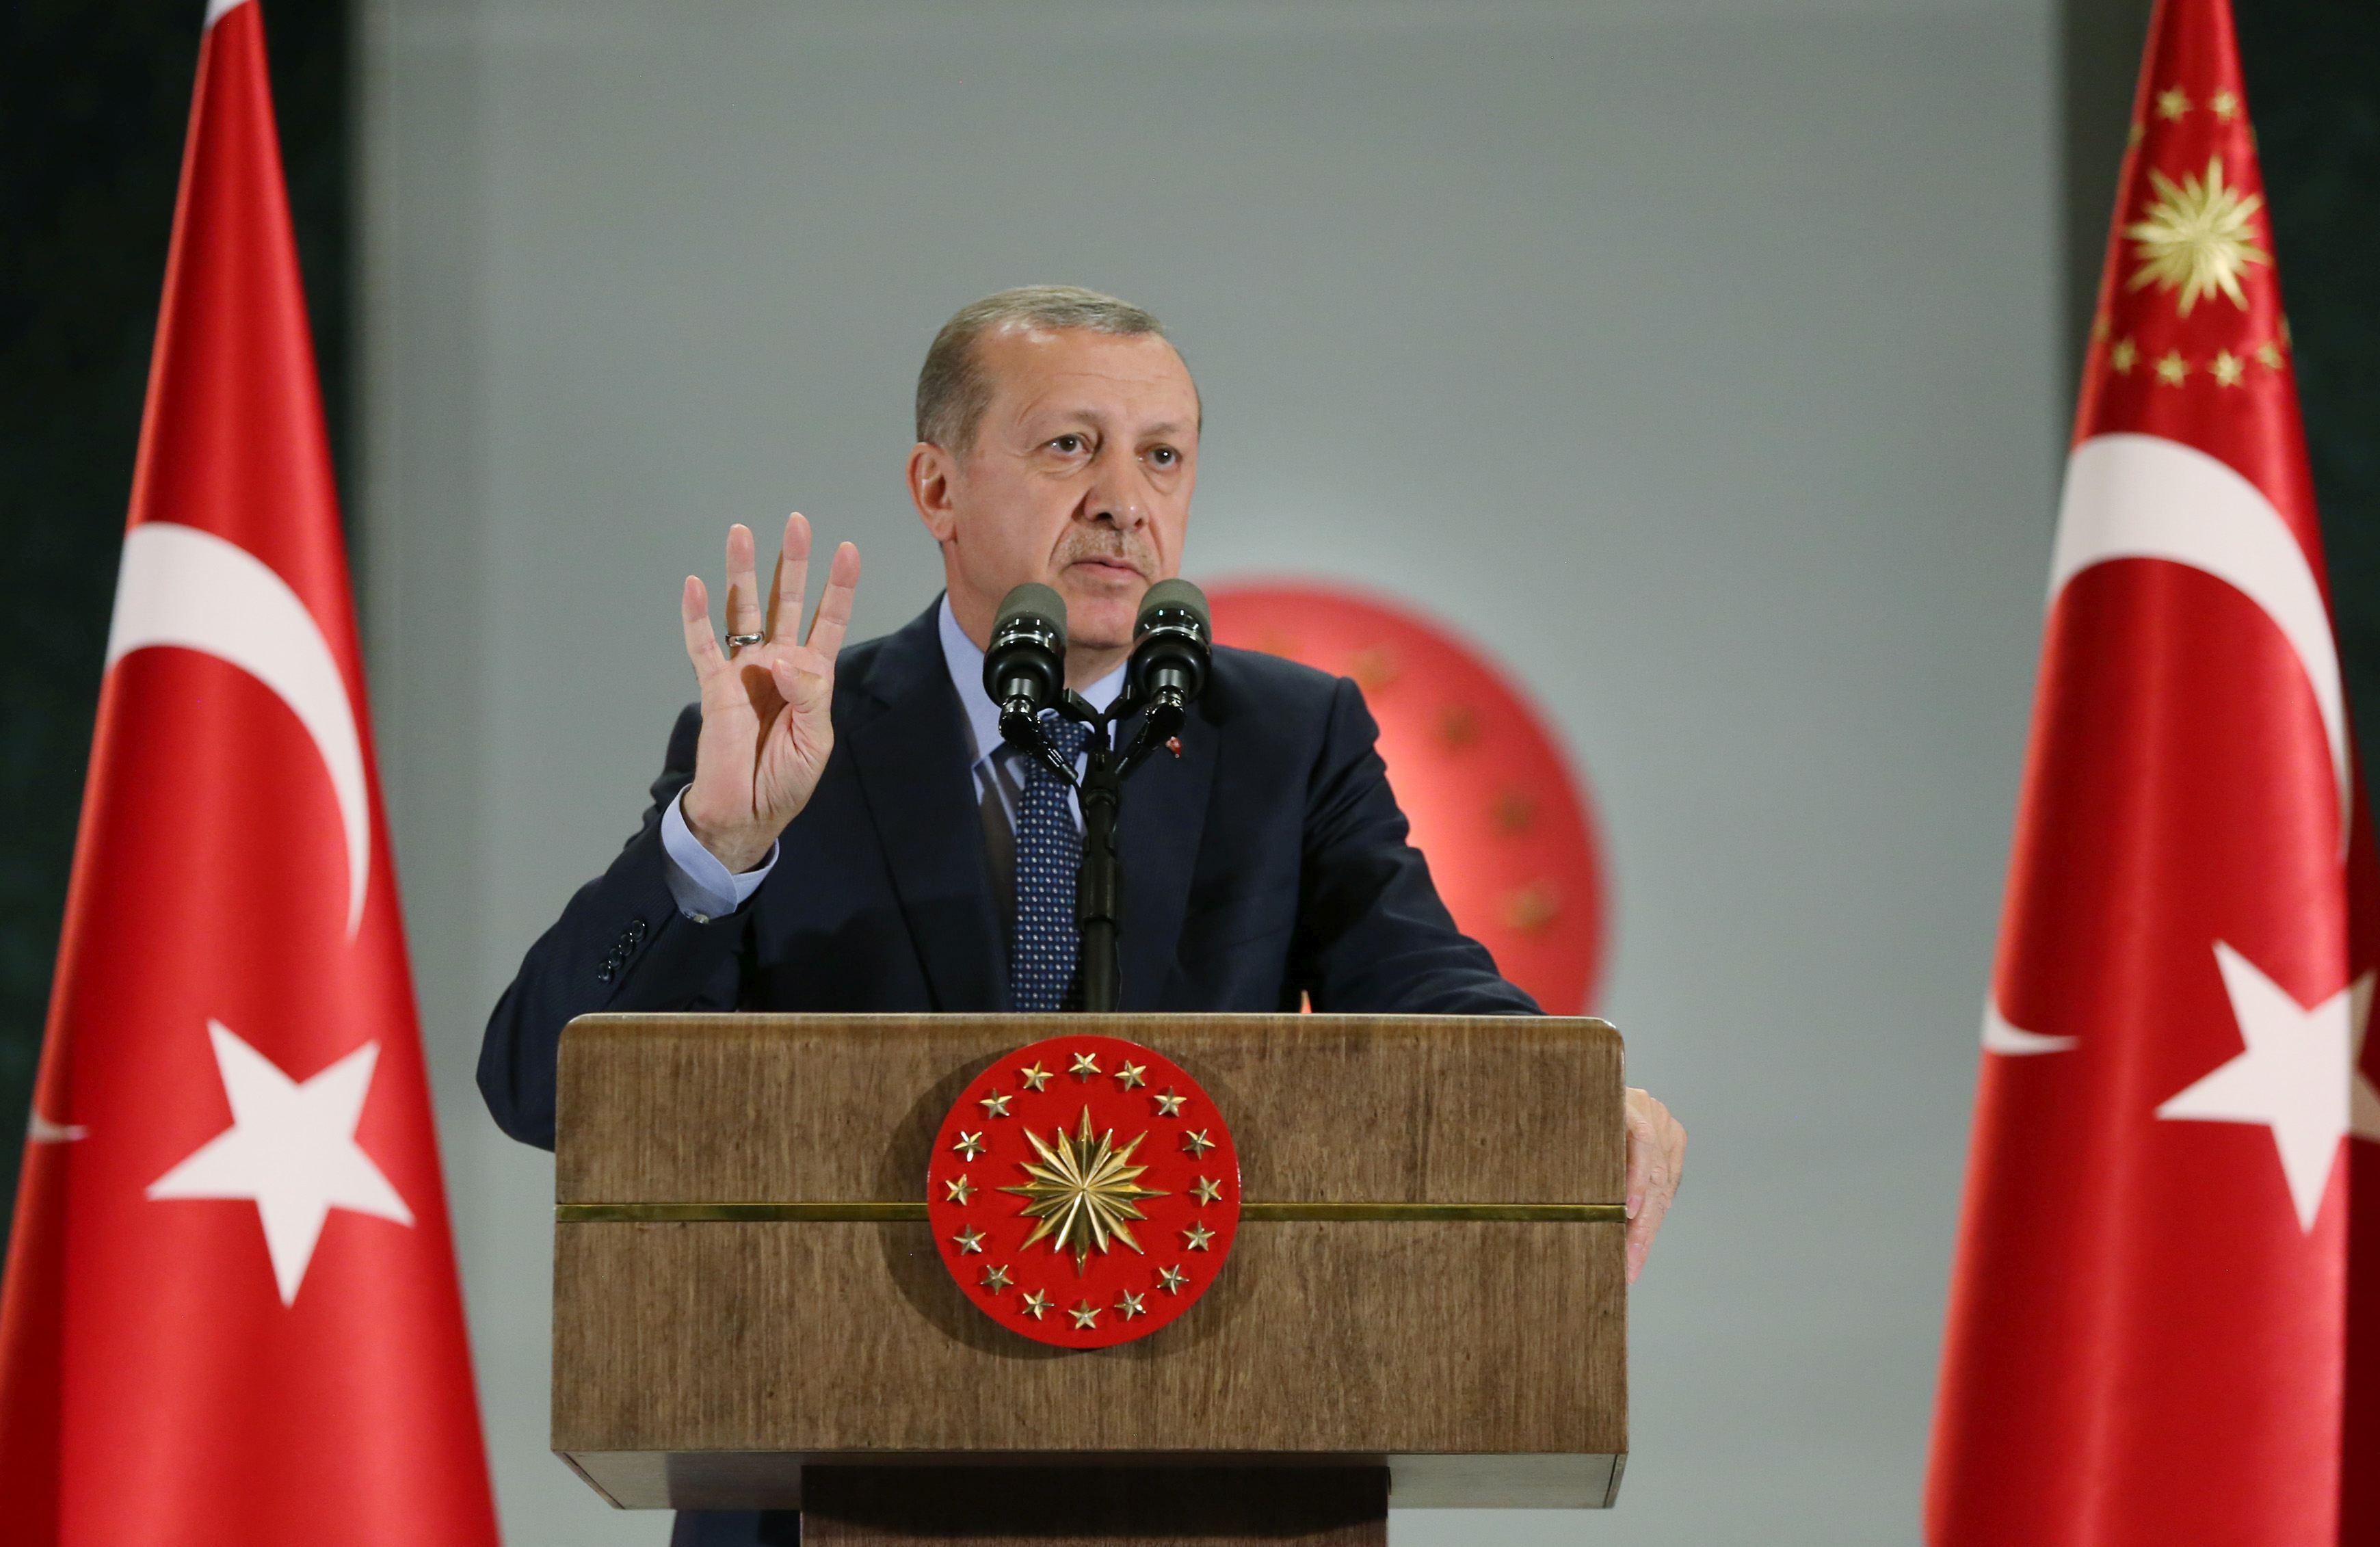 Autorităţile turce au reţinut 51 de profesori suspectaţi de implicare în tentativa de lovitură de stat din 2016